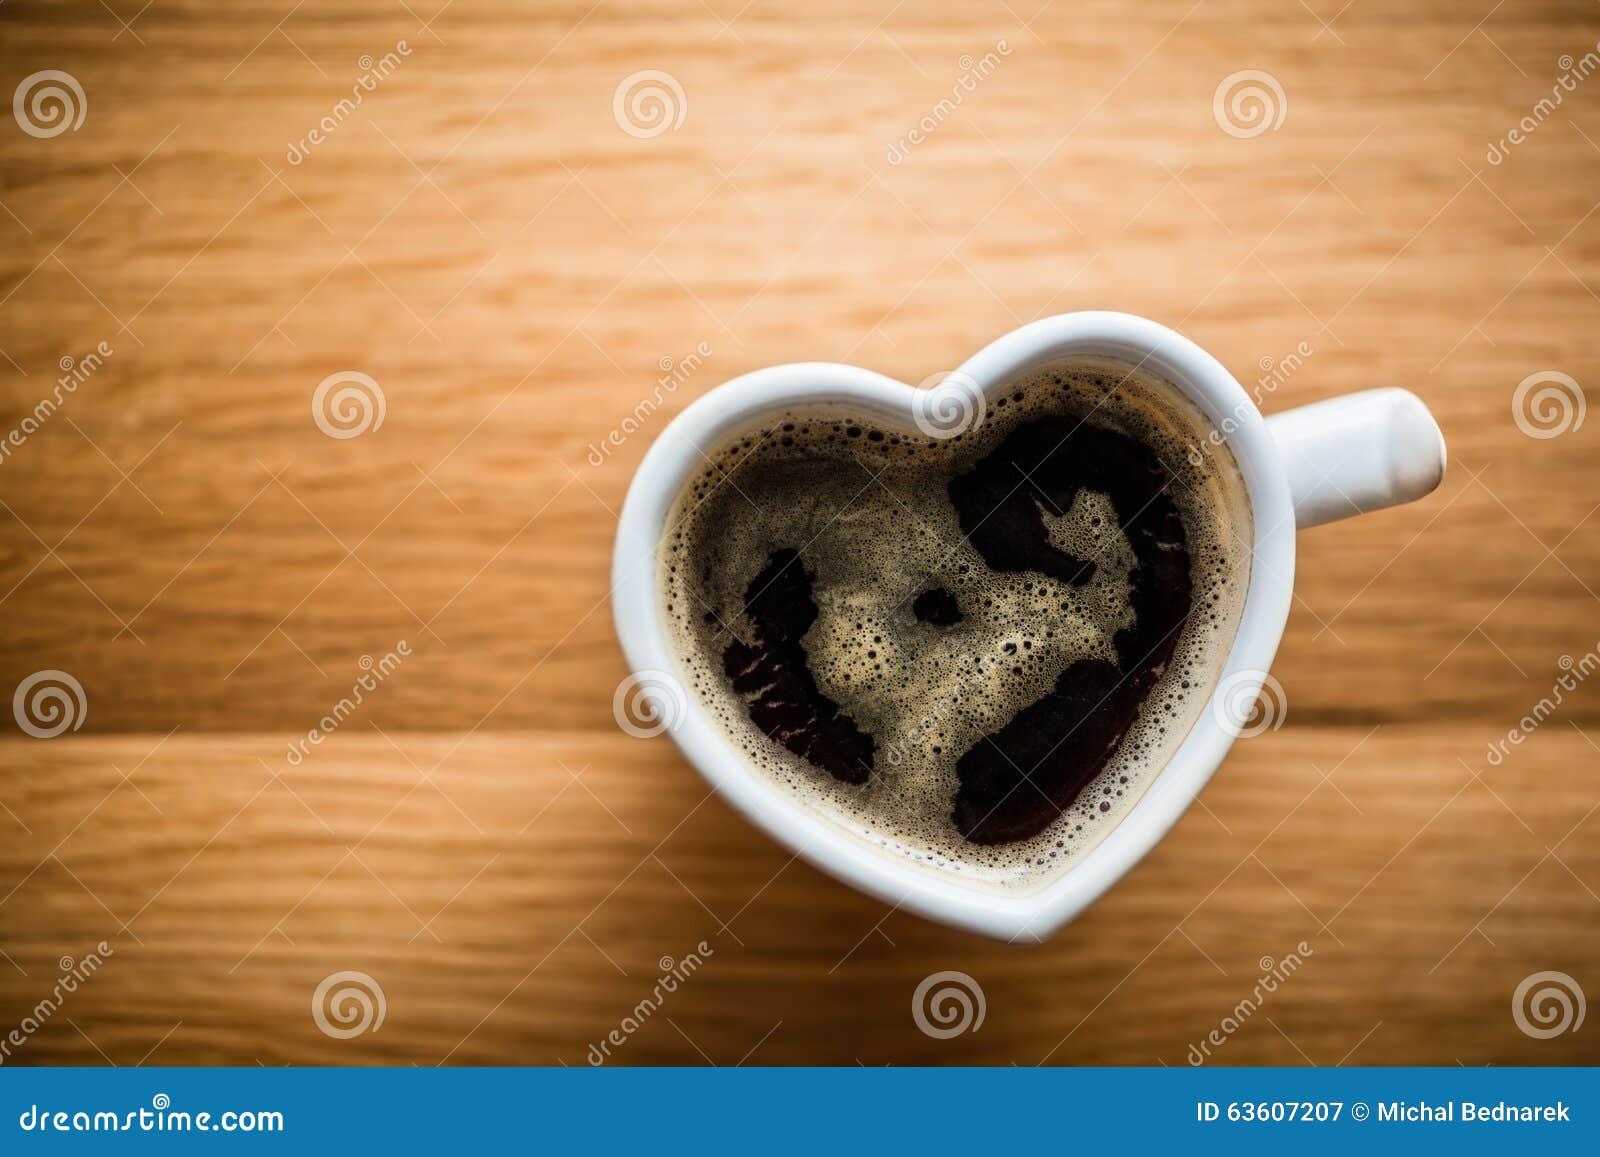 Café noir, expresso dans la tasse en forme de coeur Amour, Saint-Valentin, vintage